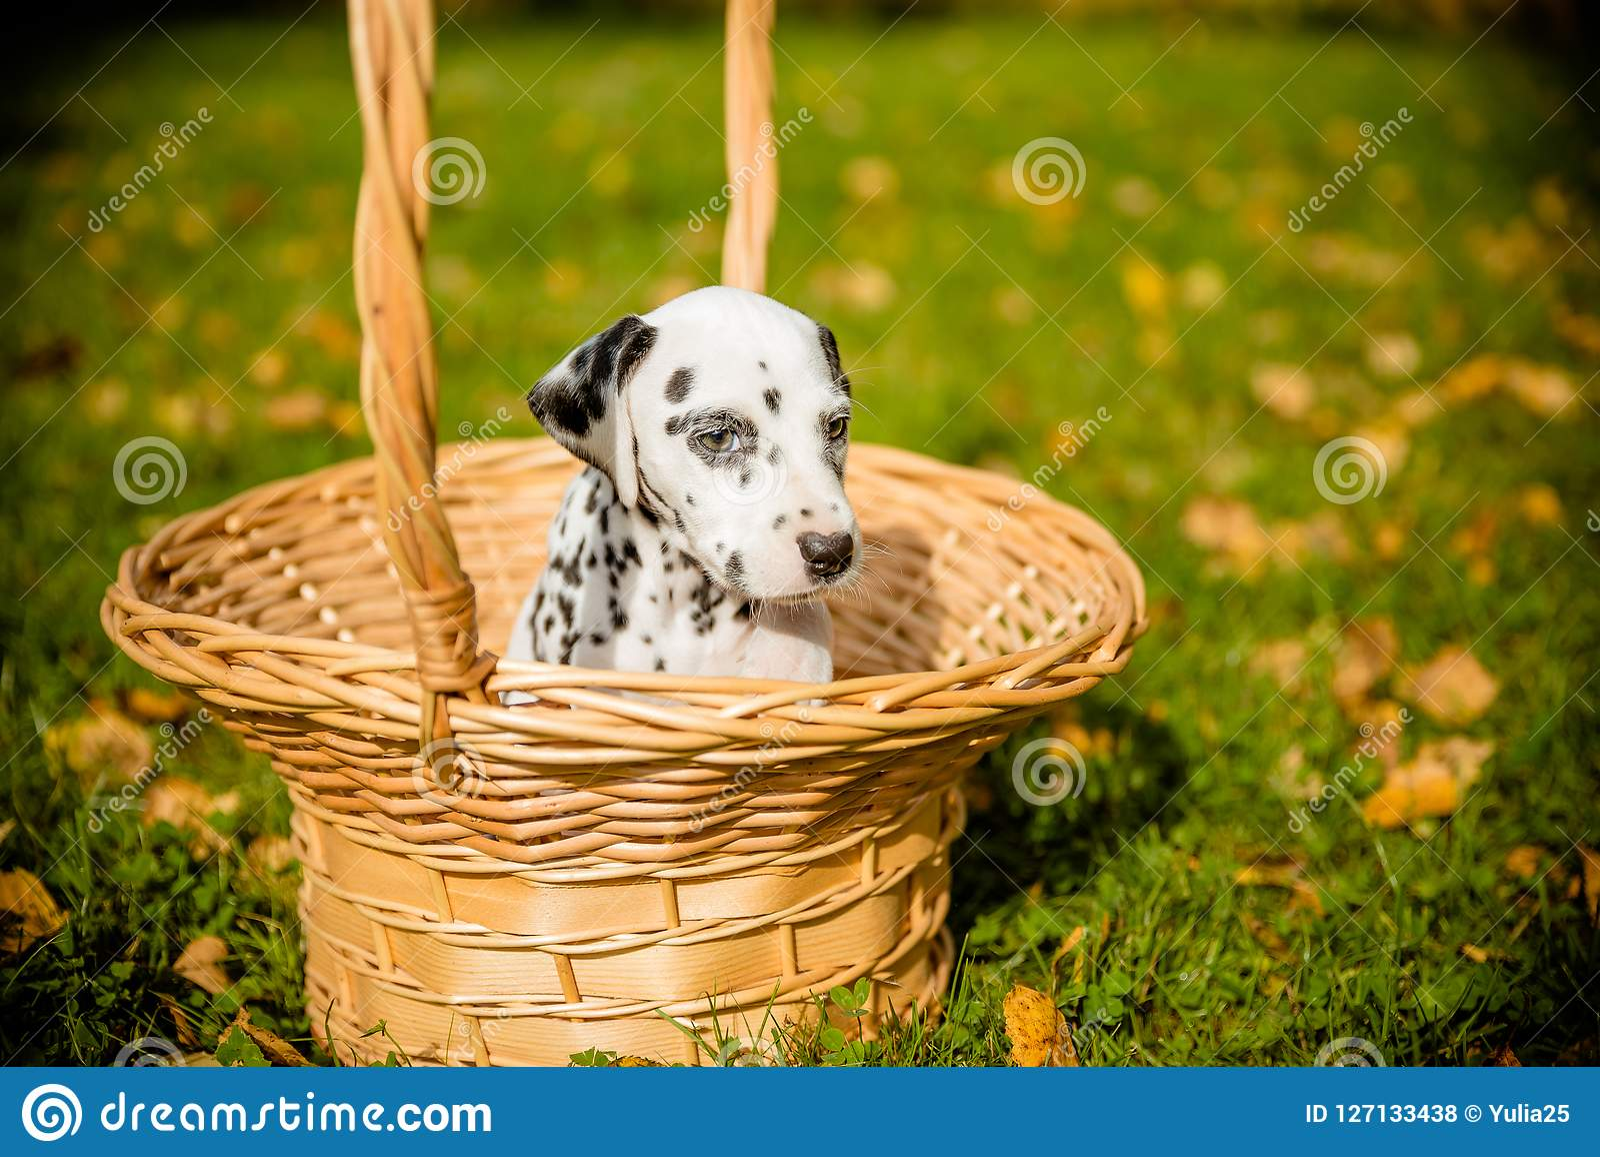 Cachorrinho Dalmatian que senta-se em uma cesta na frente do fundo outonal da natureza Cão pequeno bonito em uma cesta de vime em